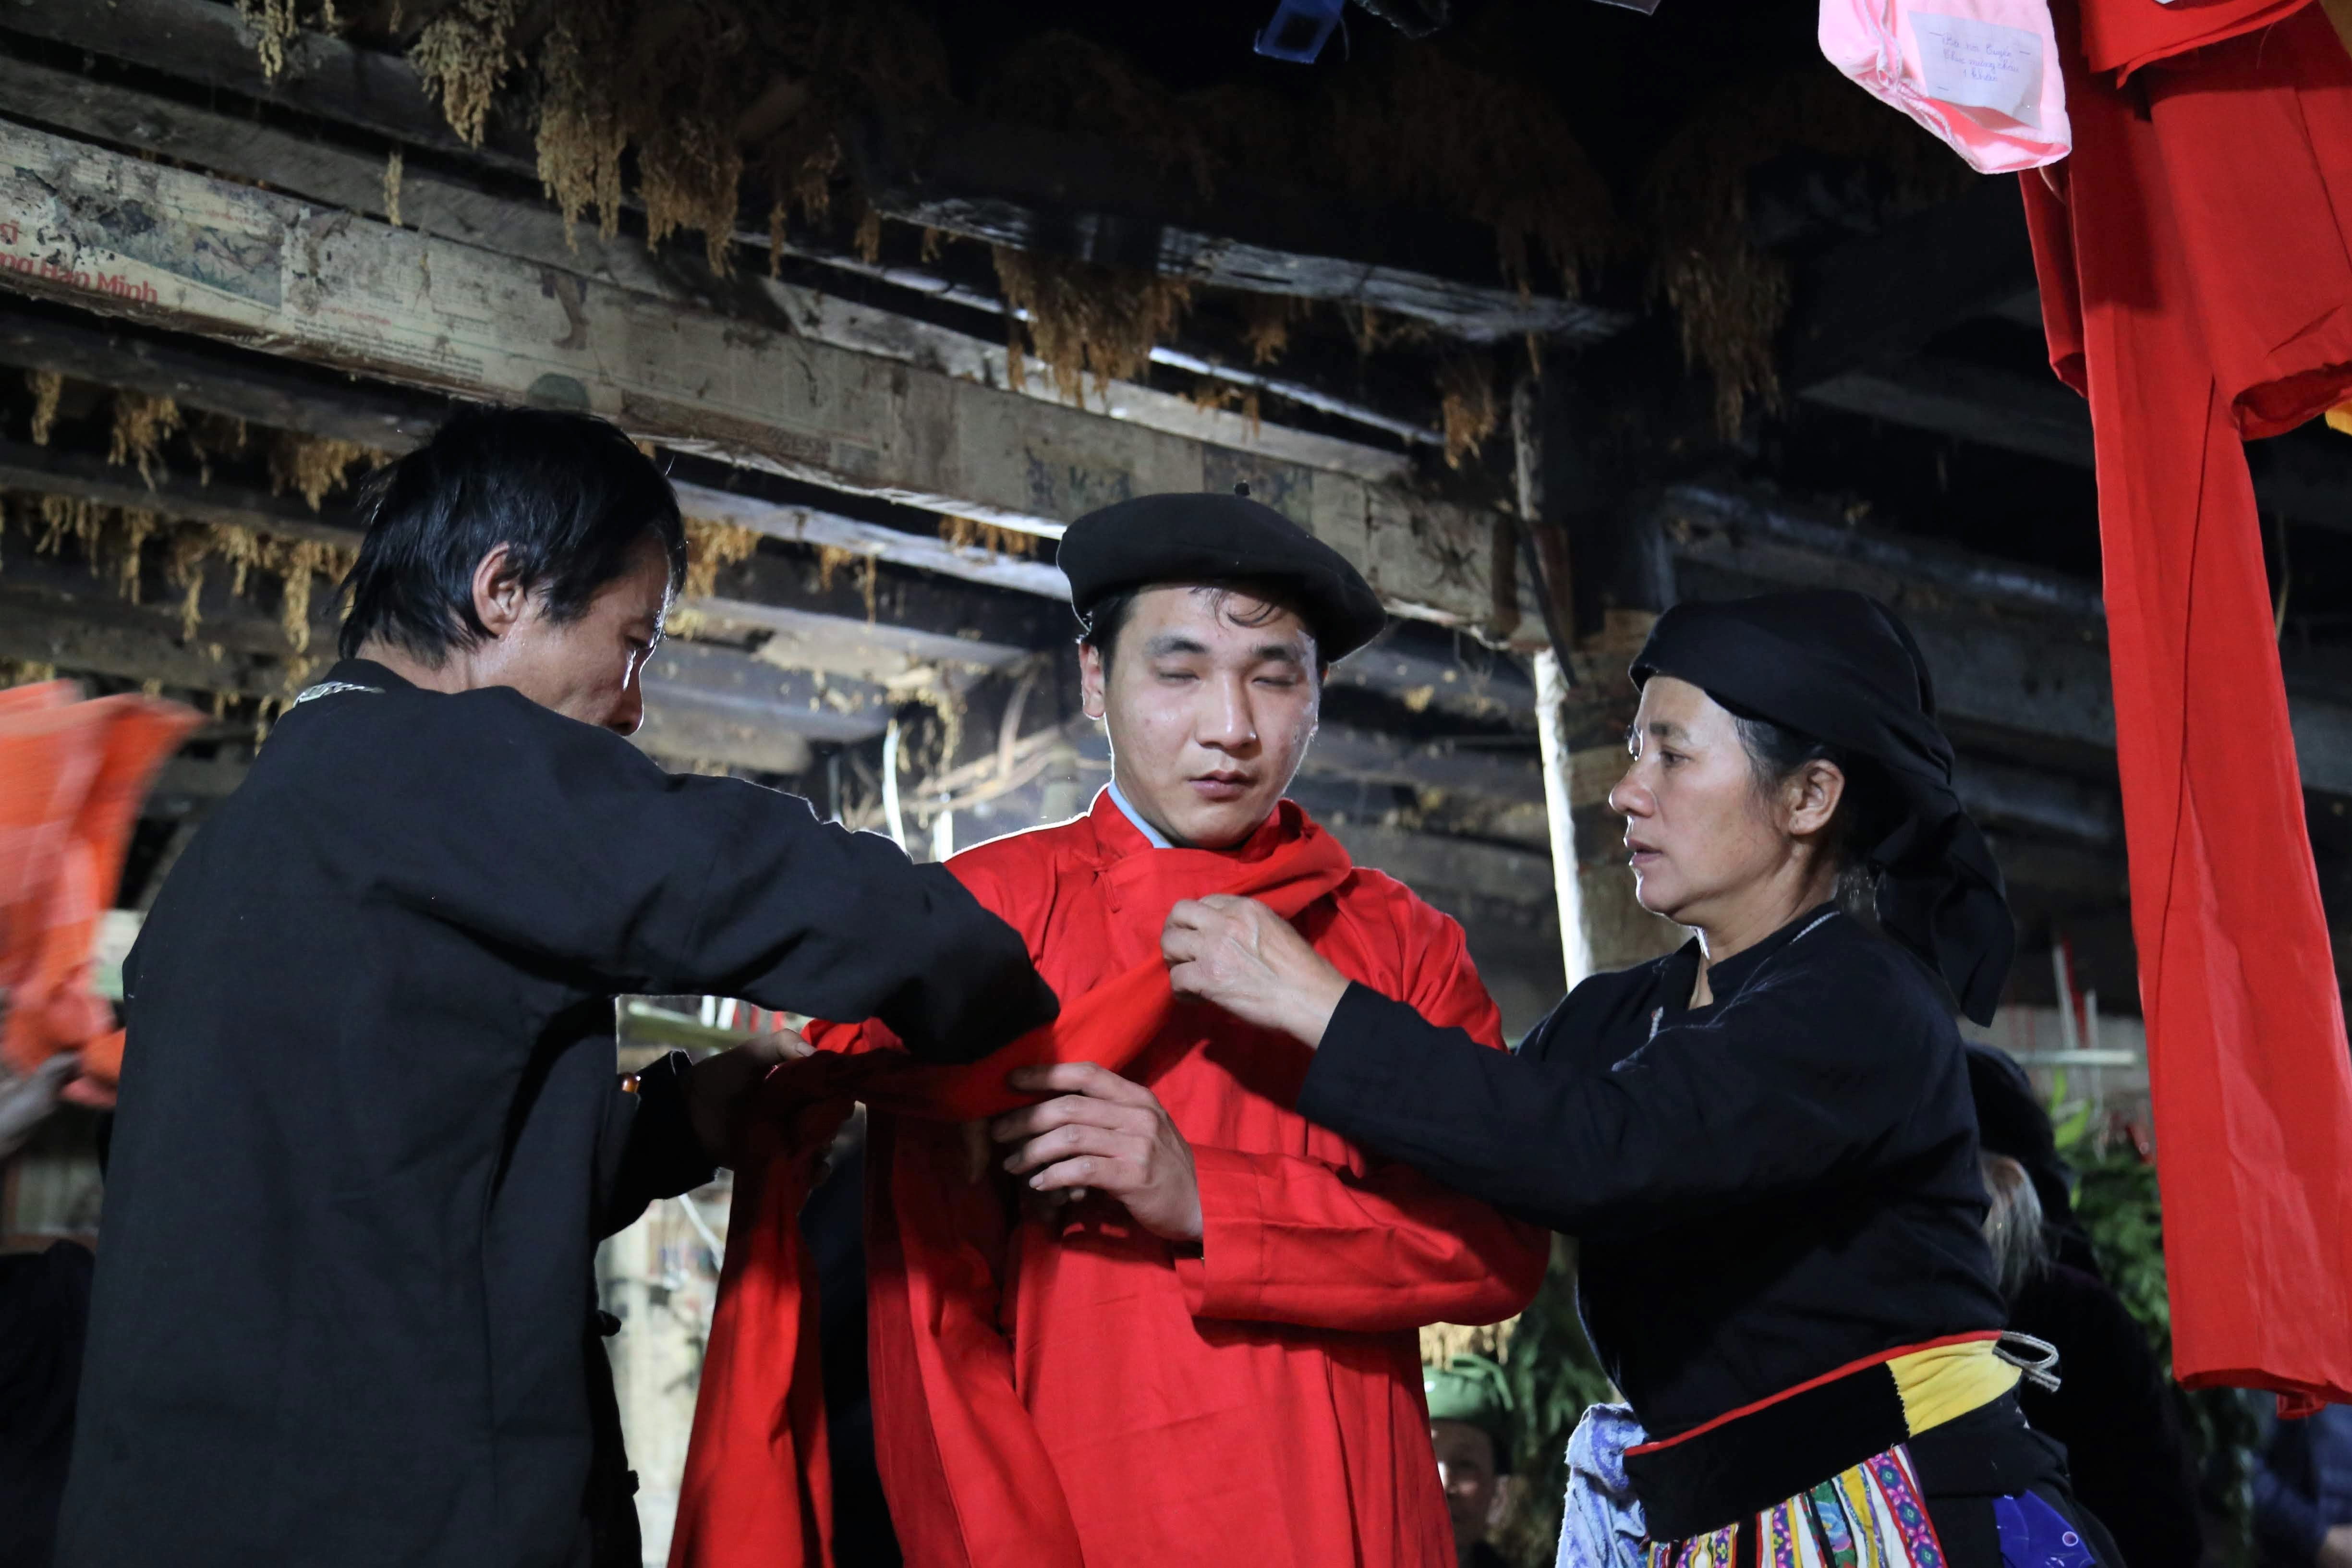 Bố mẹ mặc trang phục màu đỏ cho thầy tào sau khi làm lễ tẩy rửa những điều không tốt.